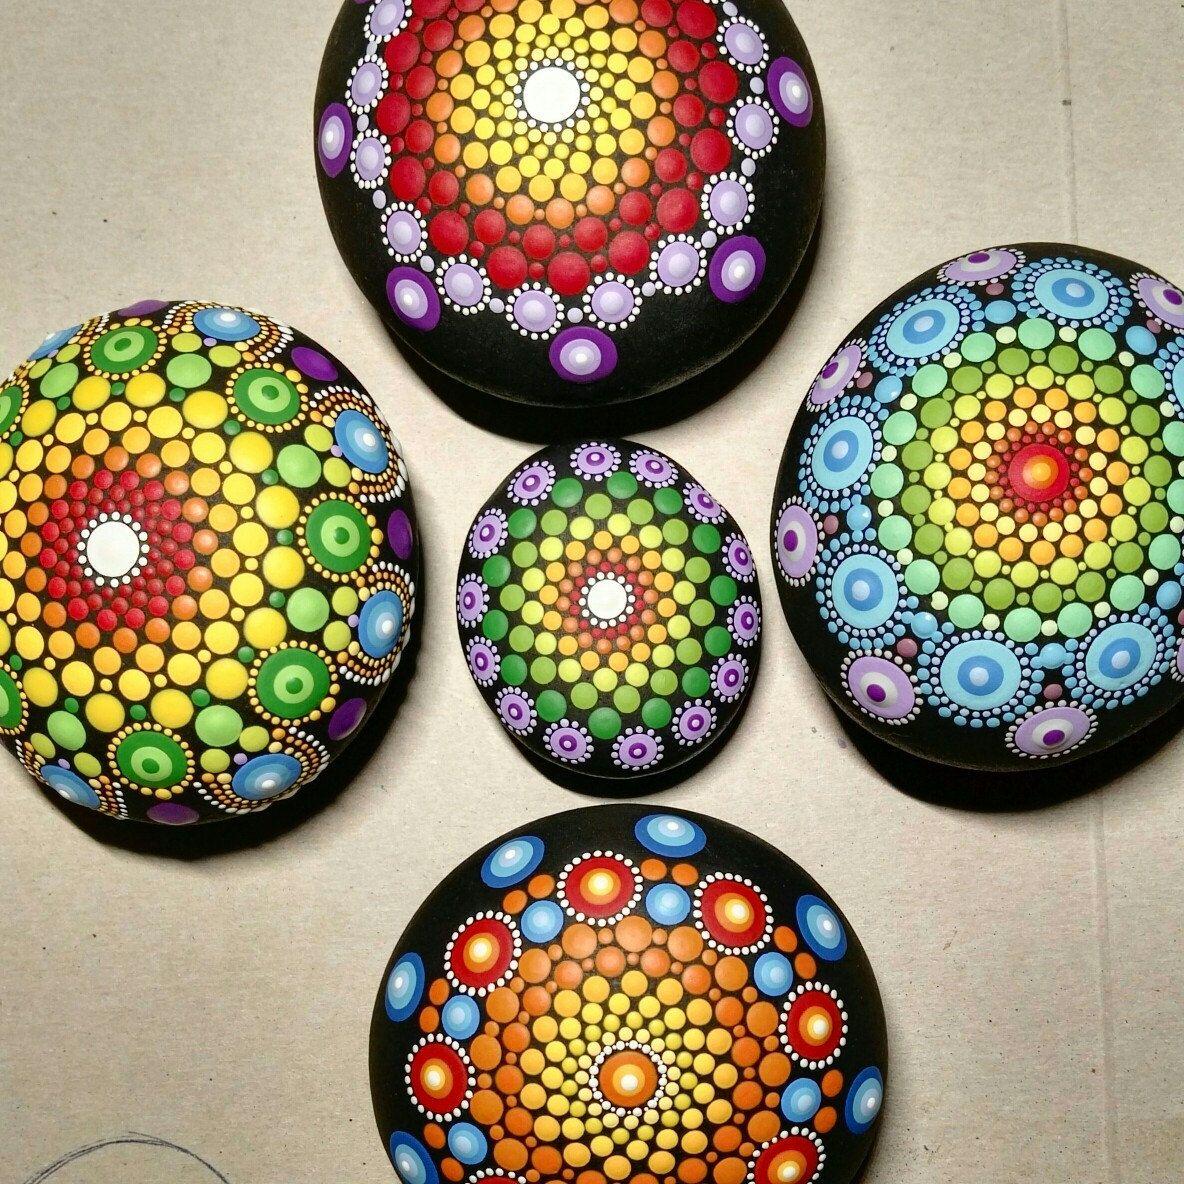 Coming Soon Calendario.New Mandala Stones Coming Soon Piedras Puntillismo